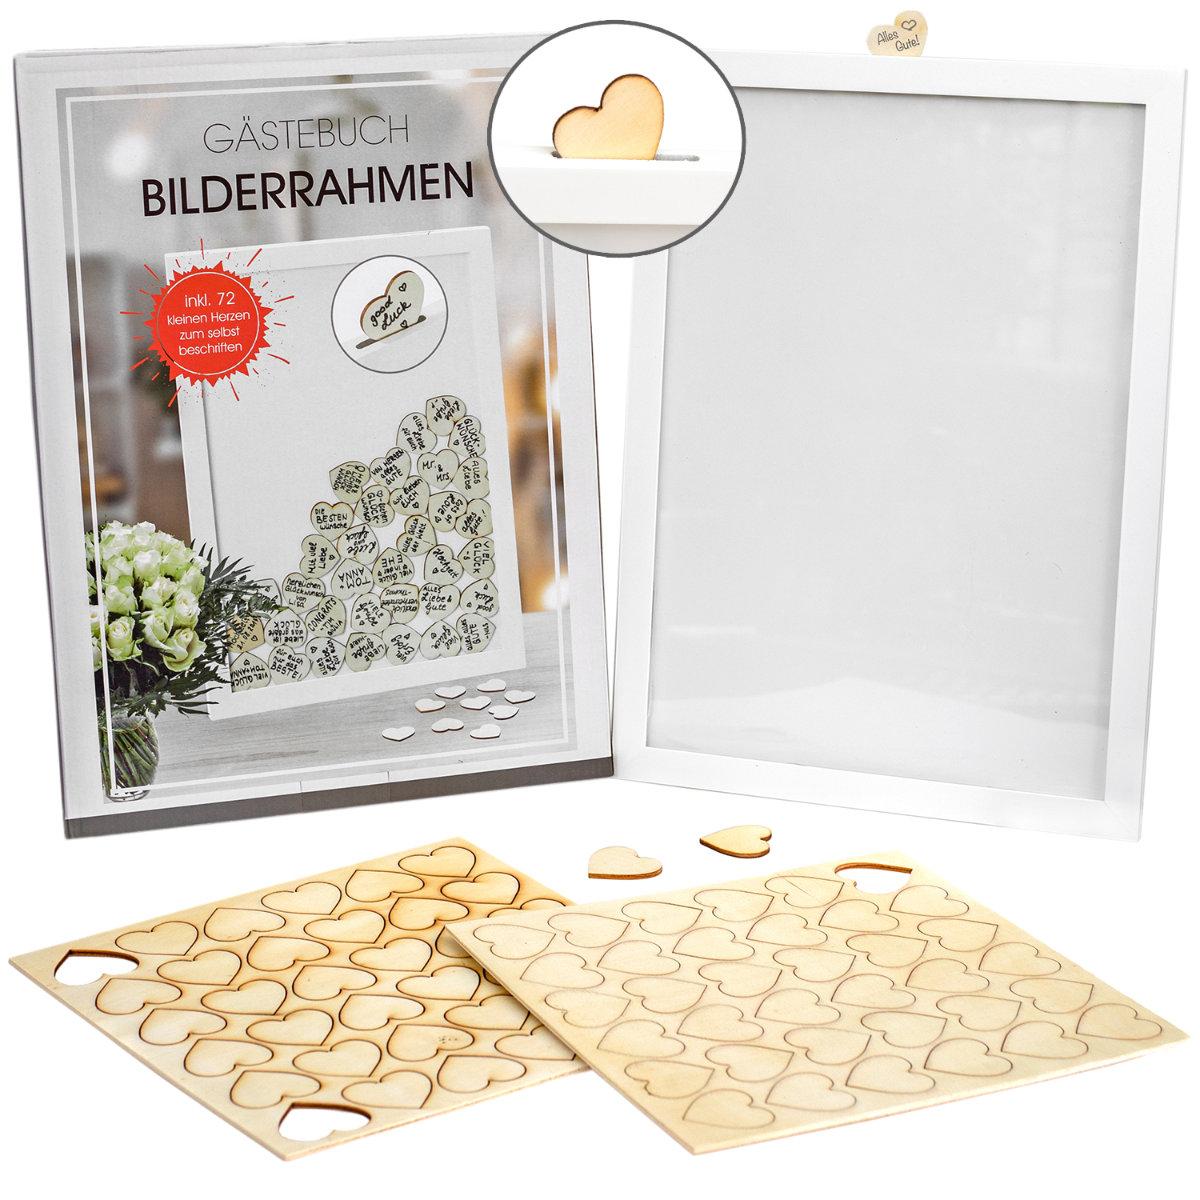 Hochzeit Gastebuch Bilderrahmen Inkl 50 Holzsternen Jemidi24